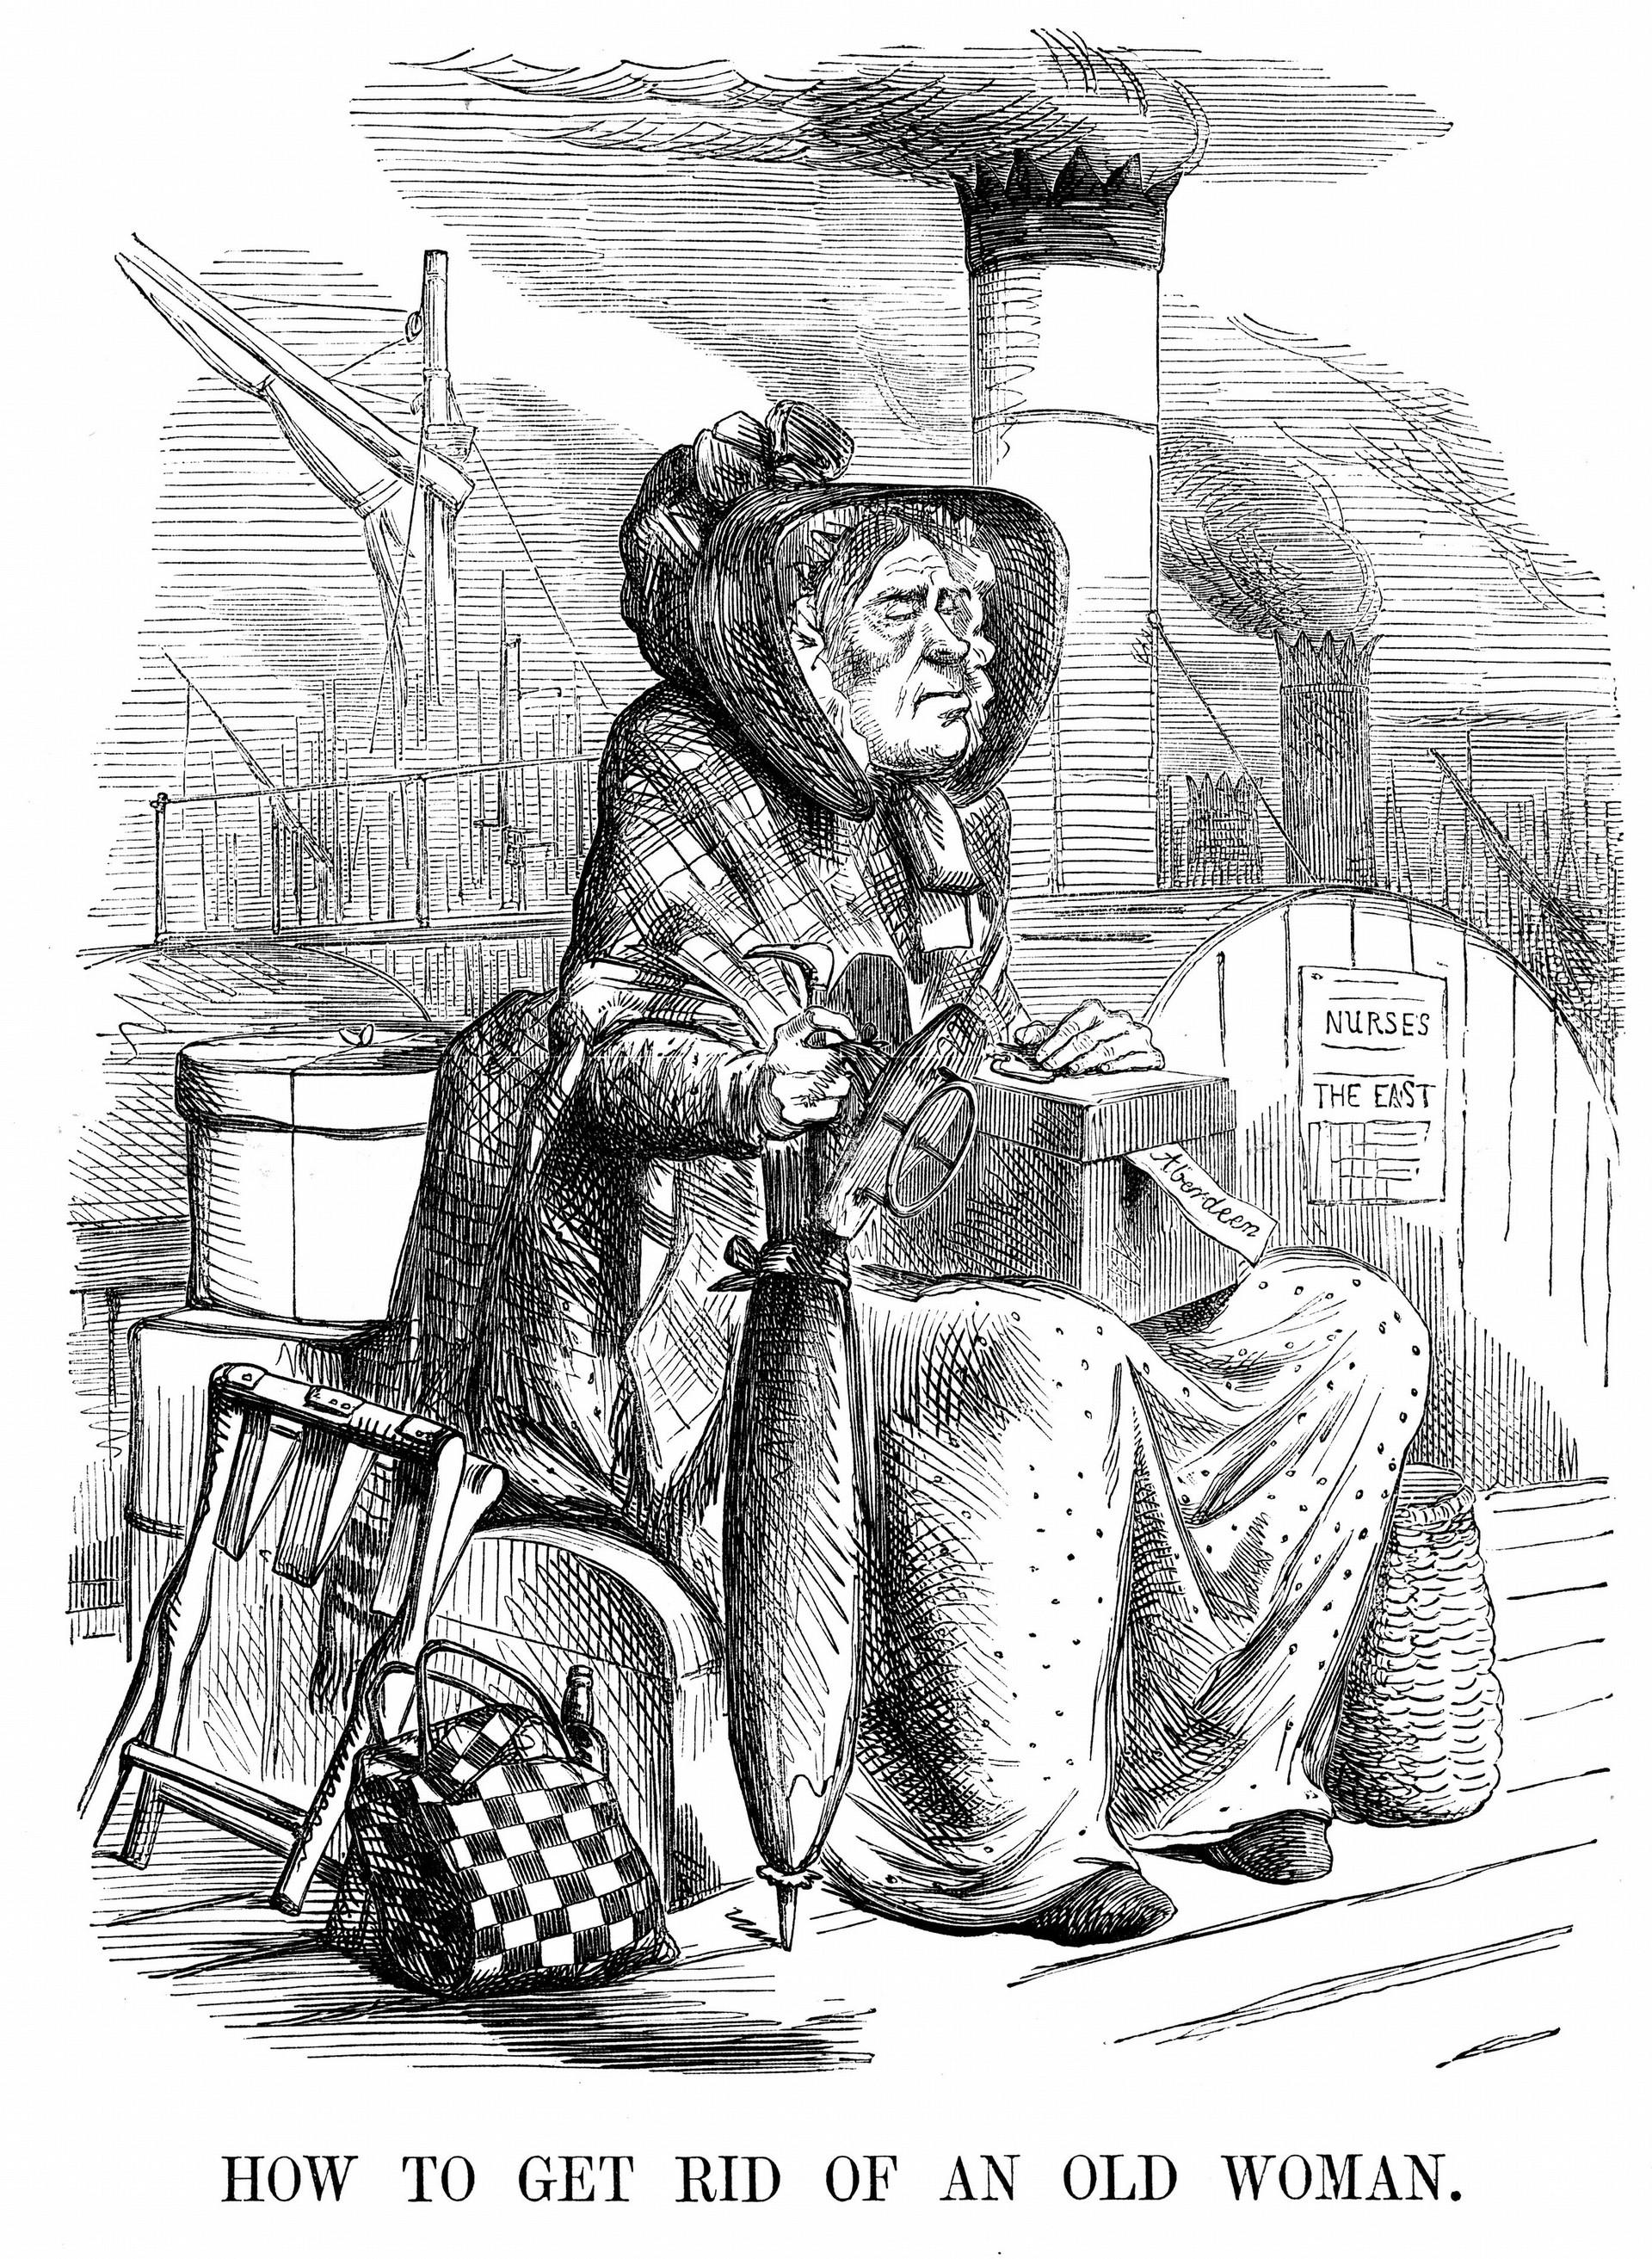 Karikatura britanskega preimerja Georgea Hamiltona Gordona, grofa aberdeenskega, ki mu časnik Punch očita slabo vodenje Velike Britanije v krimski vojne, 28. 10. 1954. Premier je upodobljen kot stara ženica oskrbovalka, ki se odpravlja celit rane britanskim vojakom na Krimu.